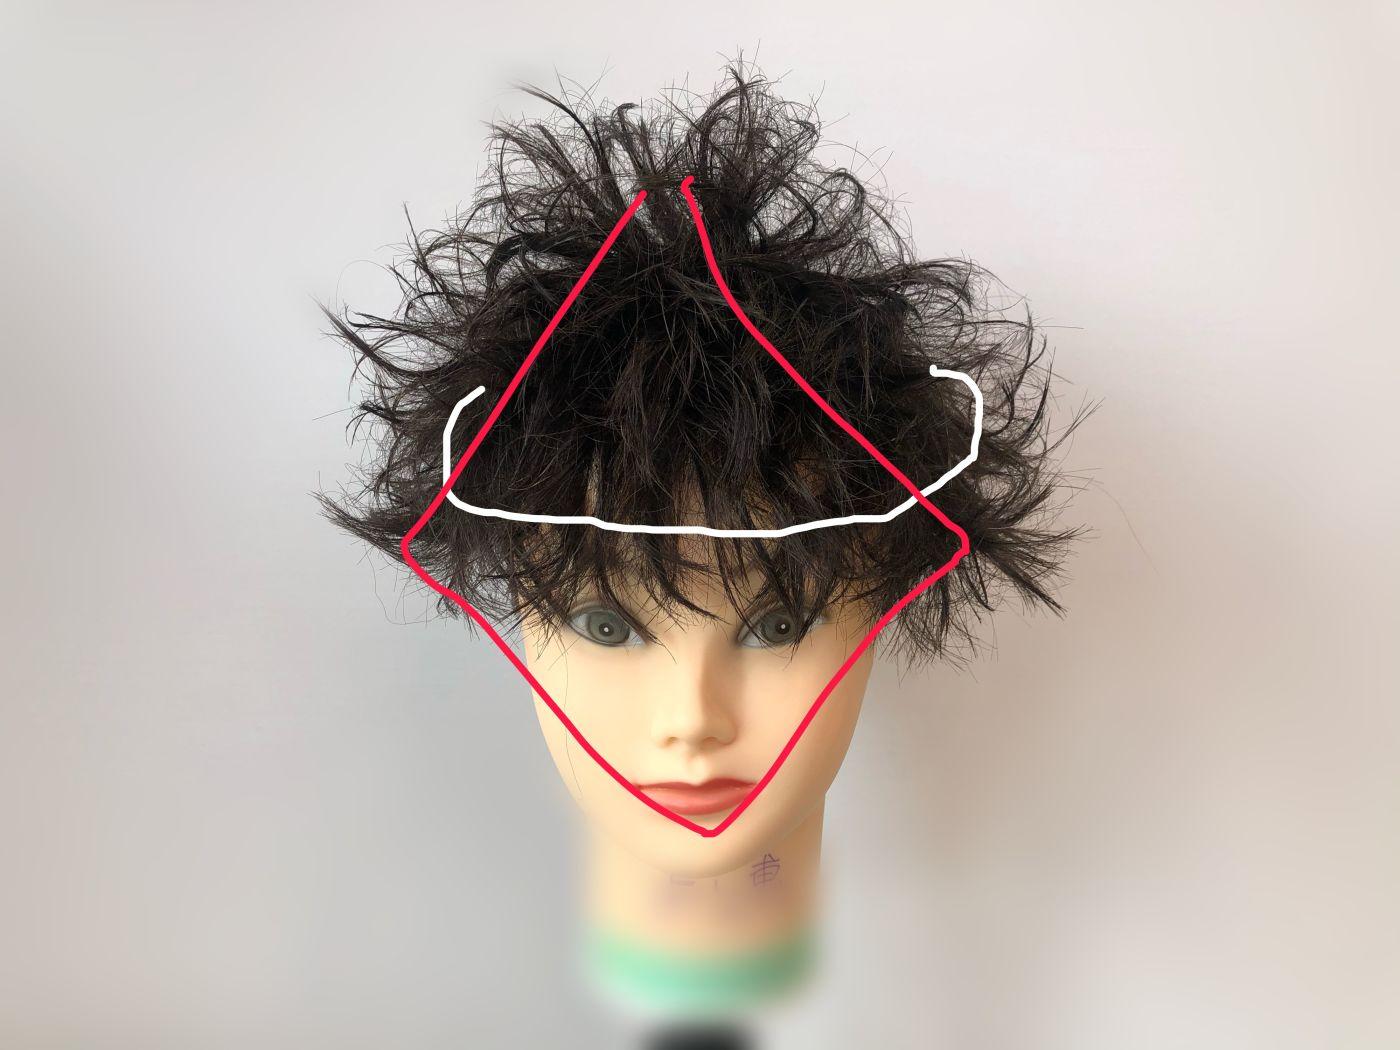 立ち上げた髪の毛を下ろす!